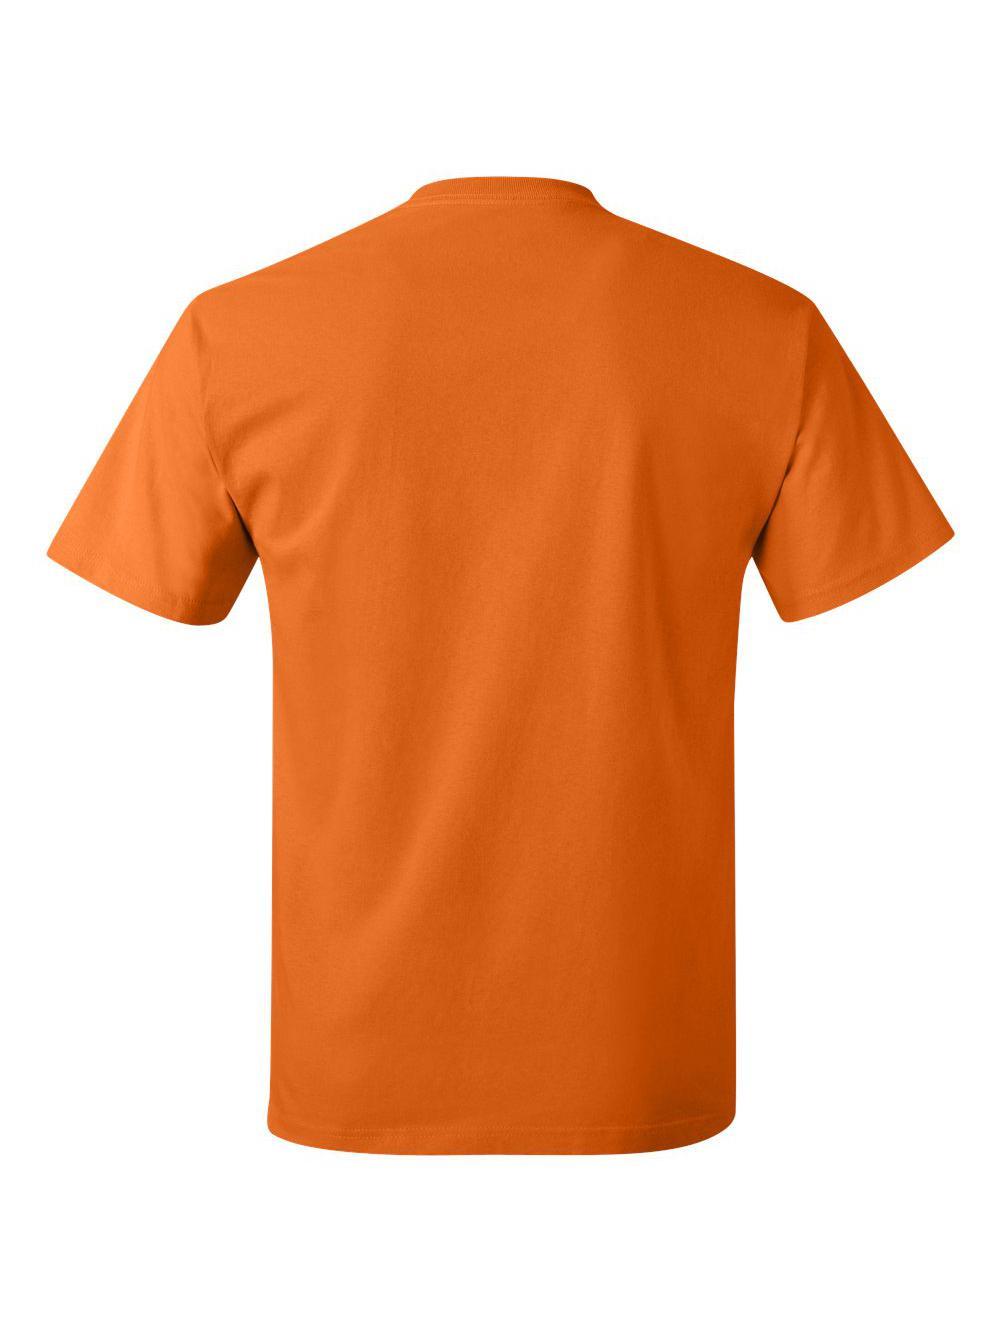 Hanes-Tagless-T-Shirt-5250 thumbnail 7